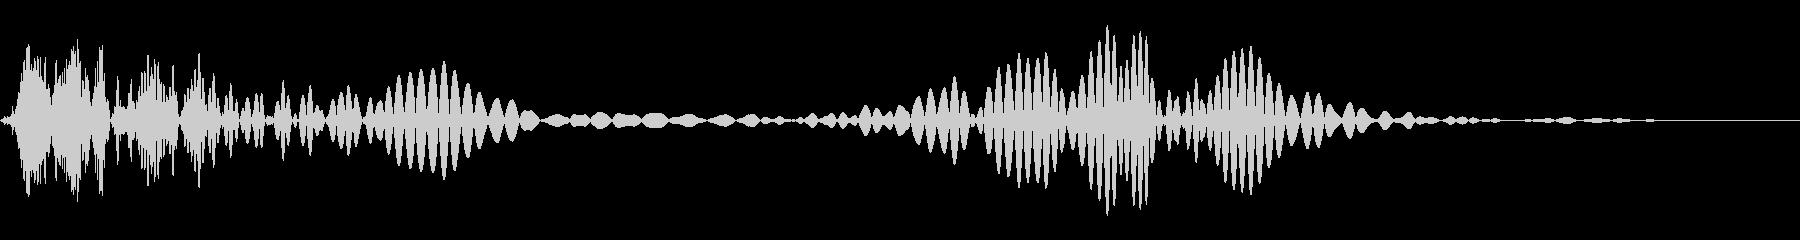 マスコットやロゴが「ひょこっ」と動く音の未再生の波形